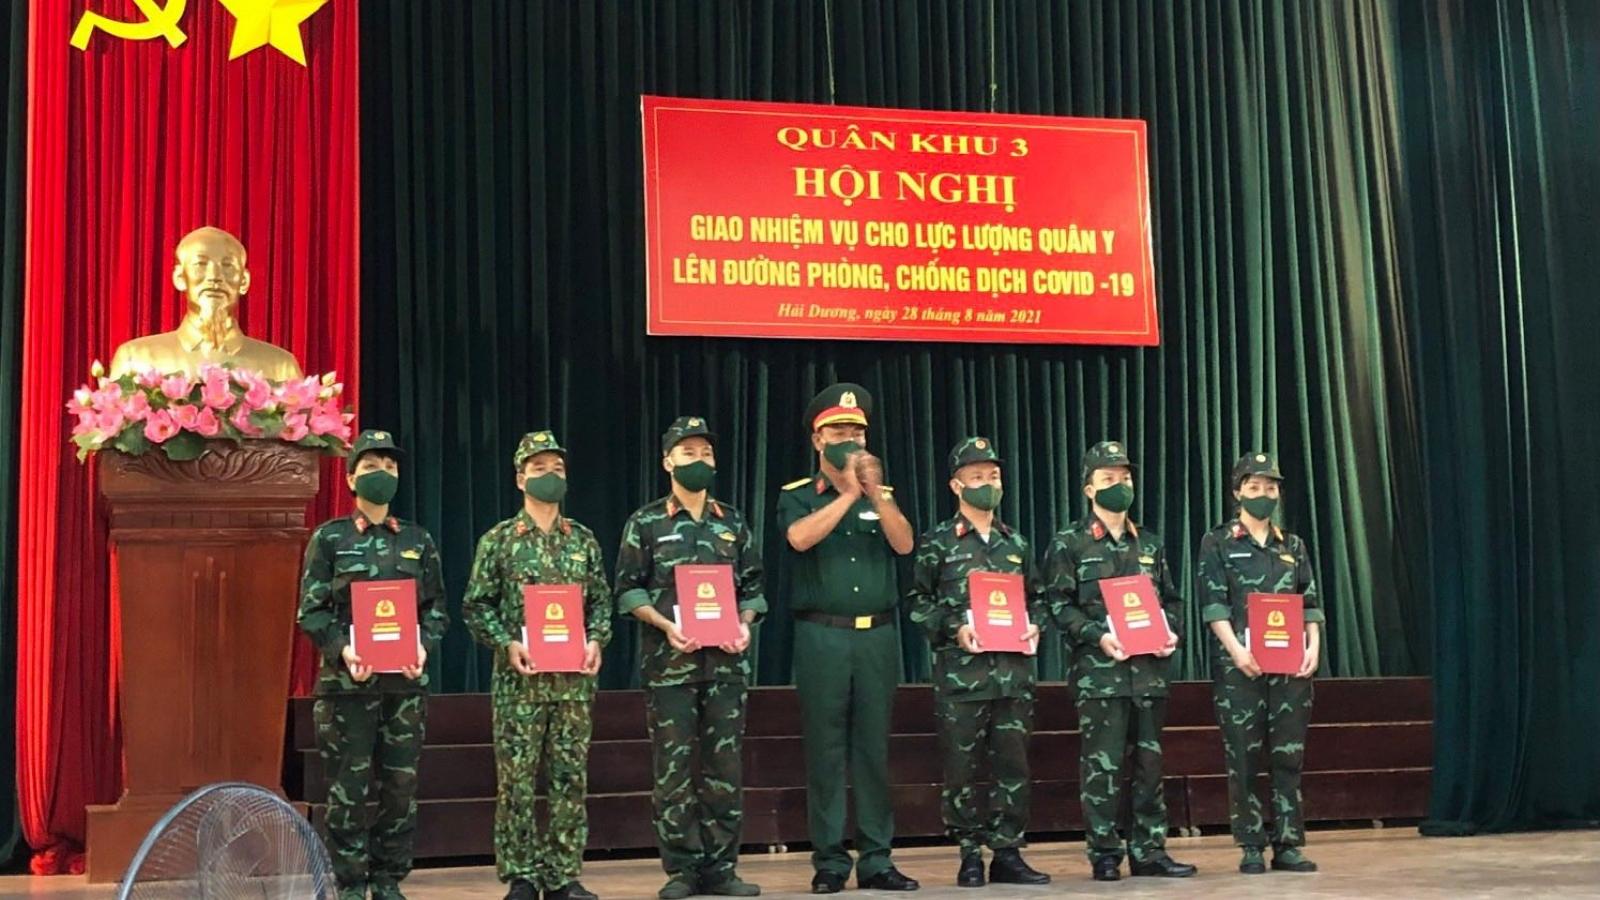 Bệnh viện Quân y 7 tiếp tục cử lực lượng vào Nam hỗ trợ chống dịch